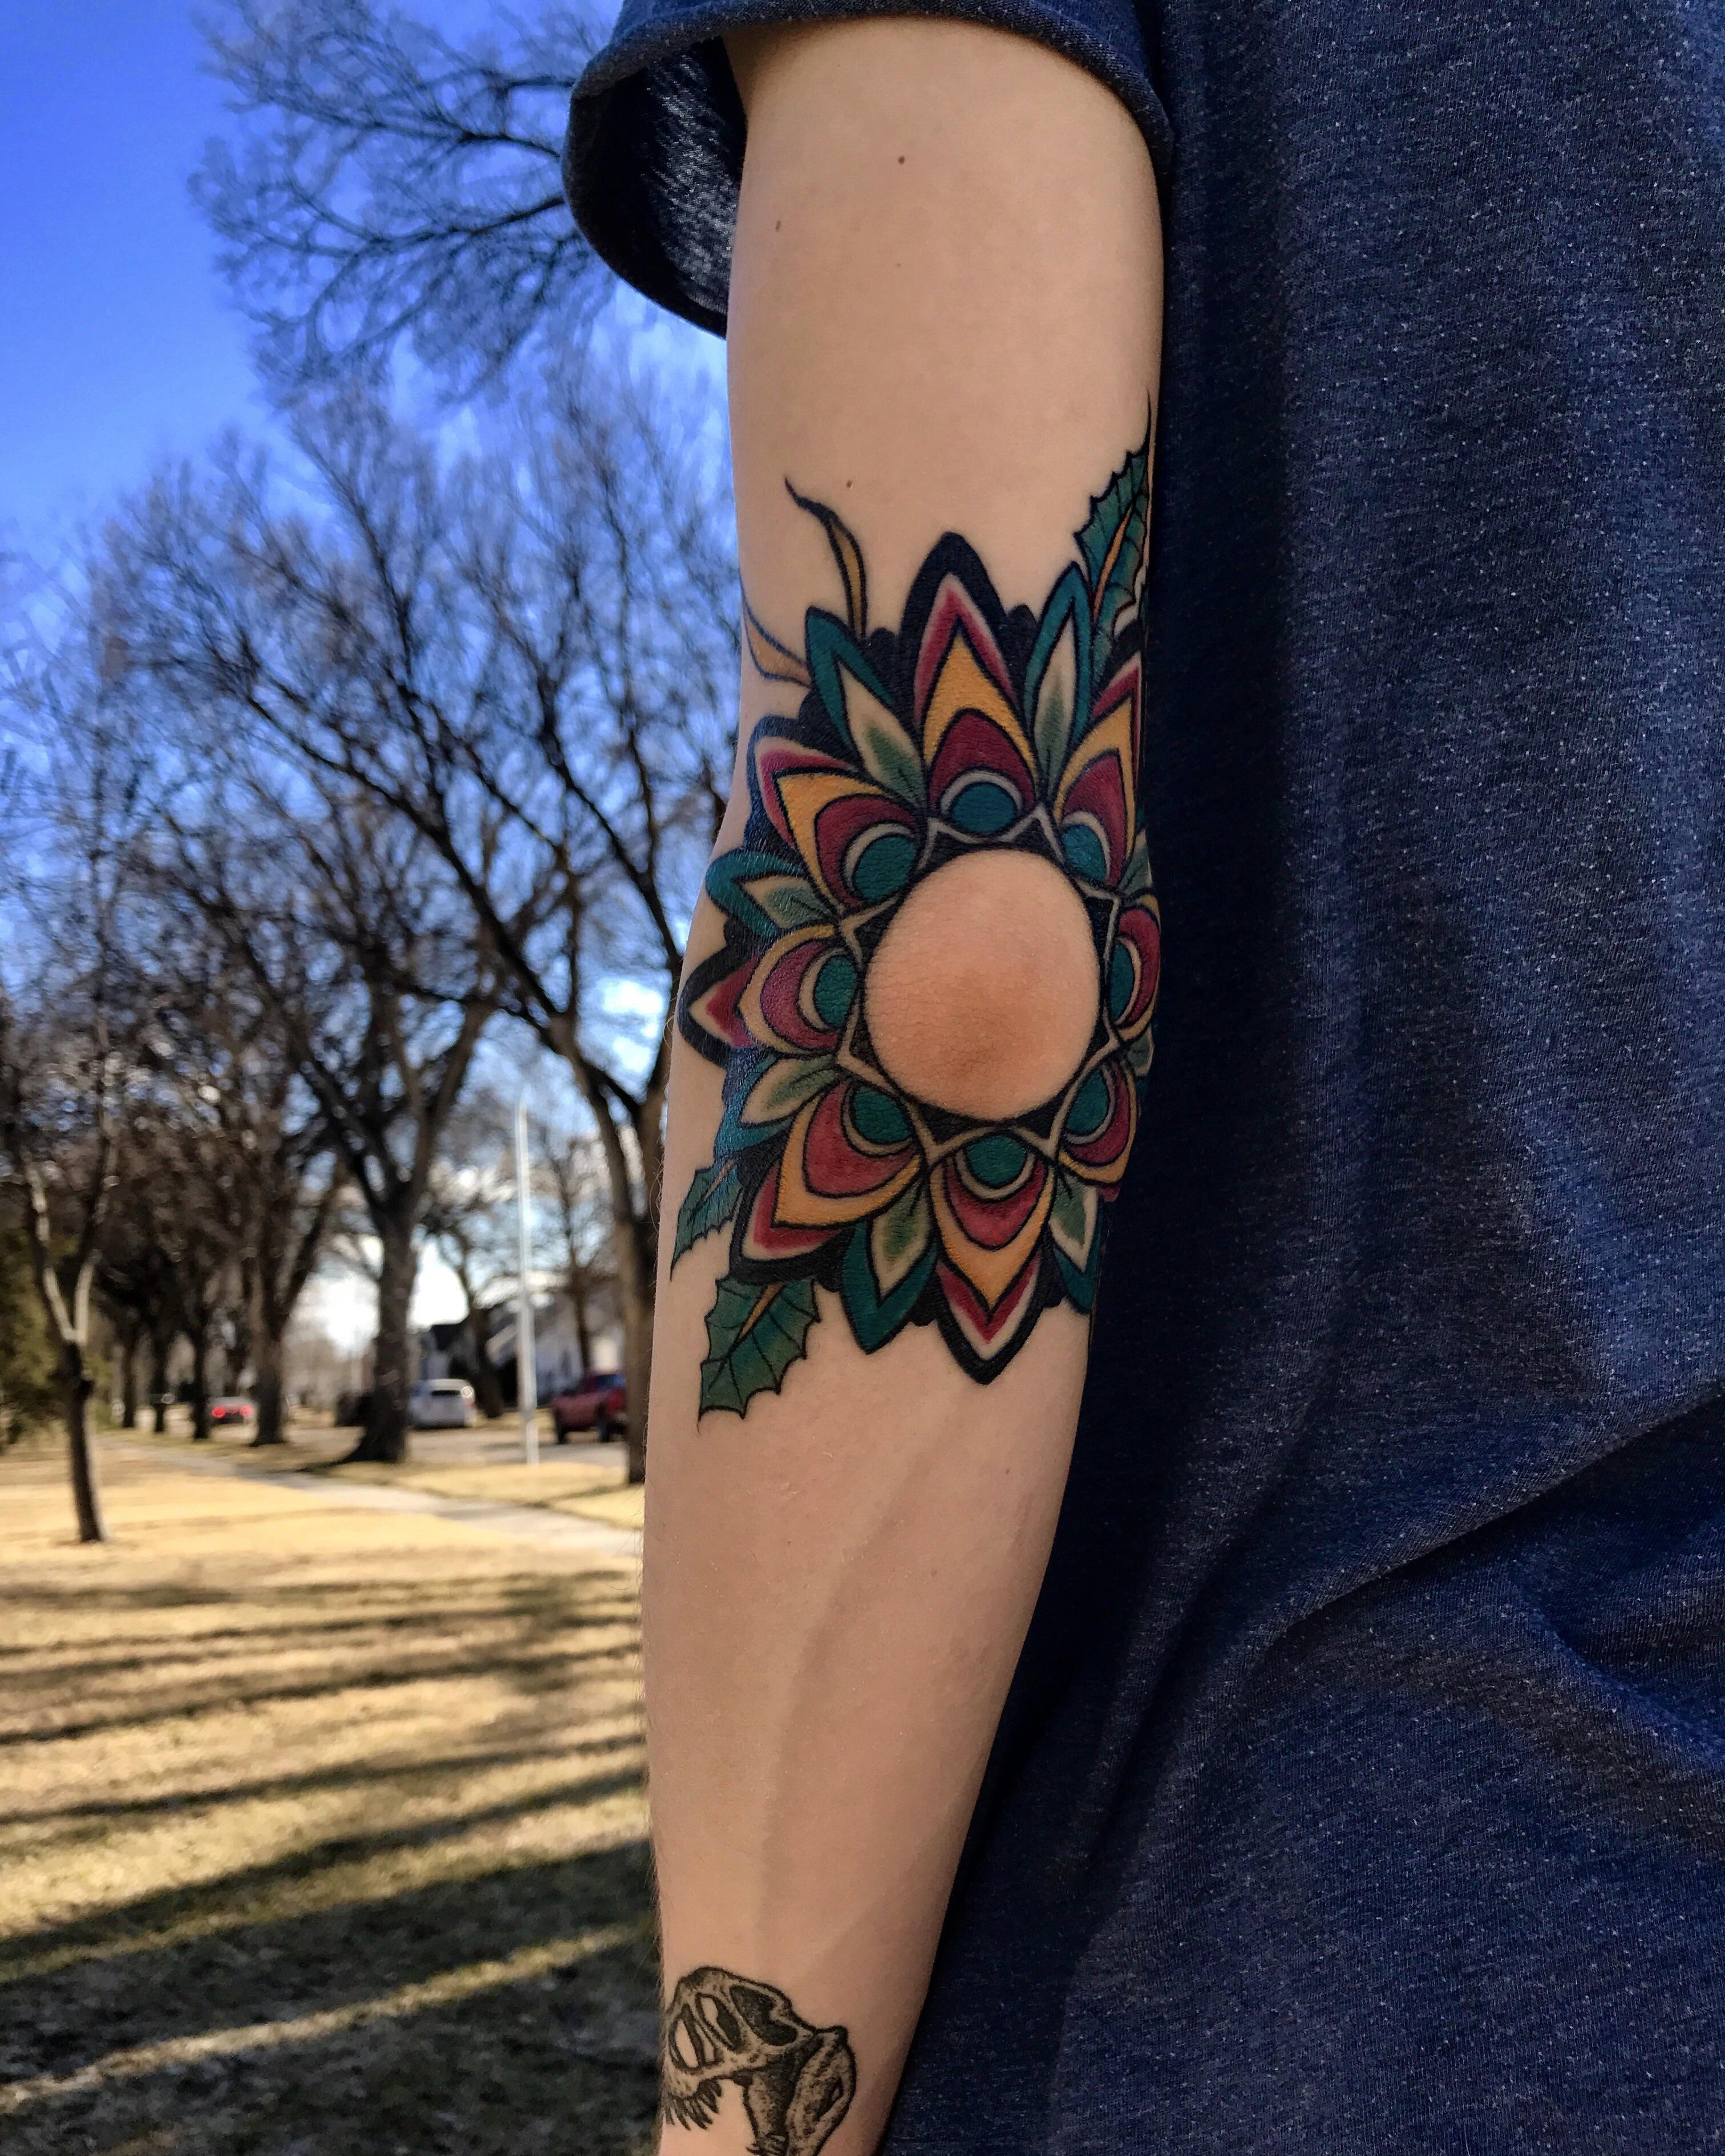 Girls tattoo ideas tattoo facts pinterest girl tattoos tattoo